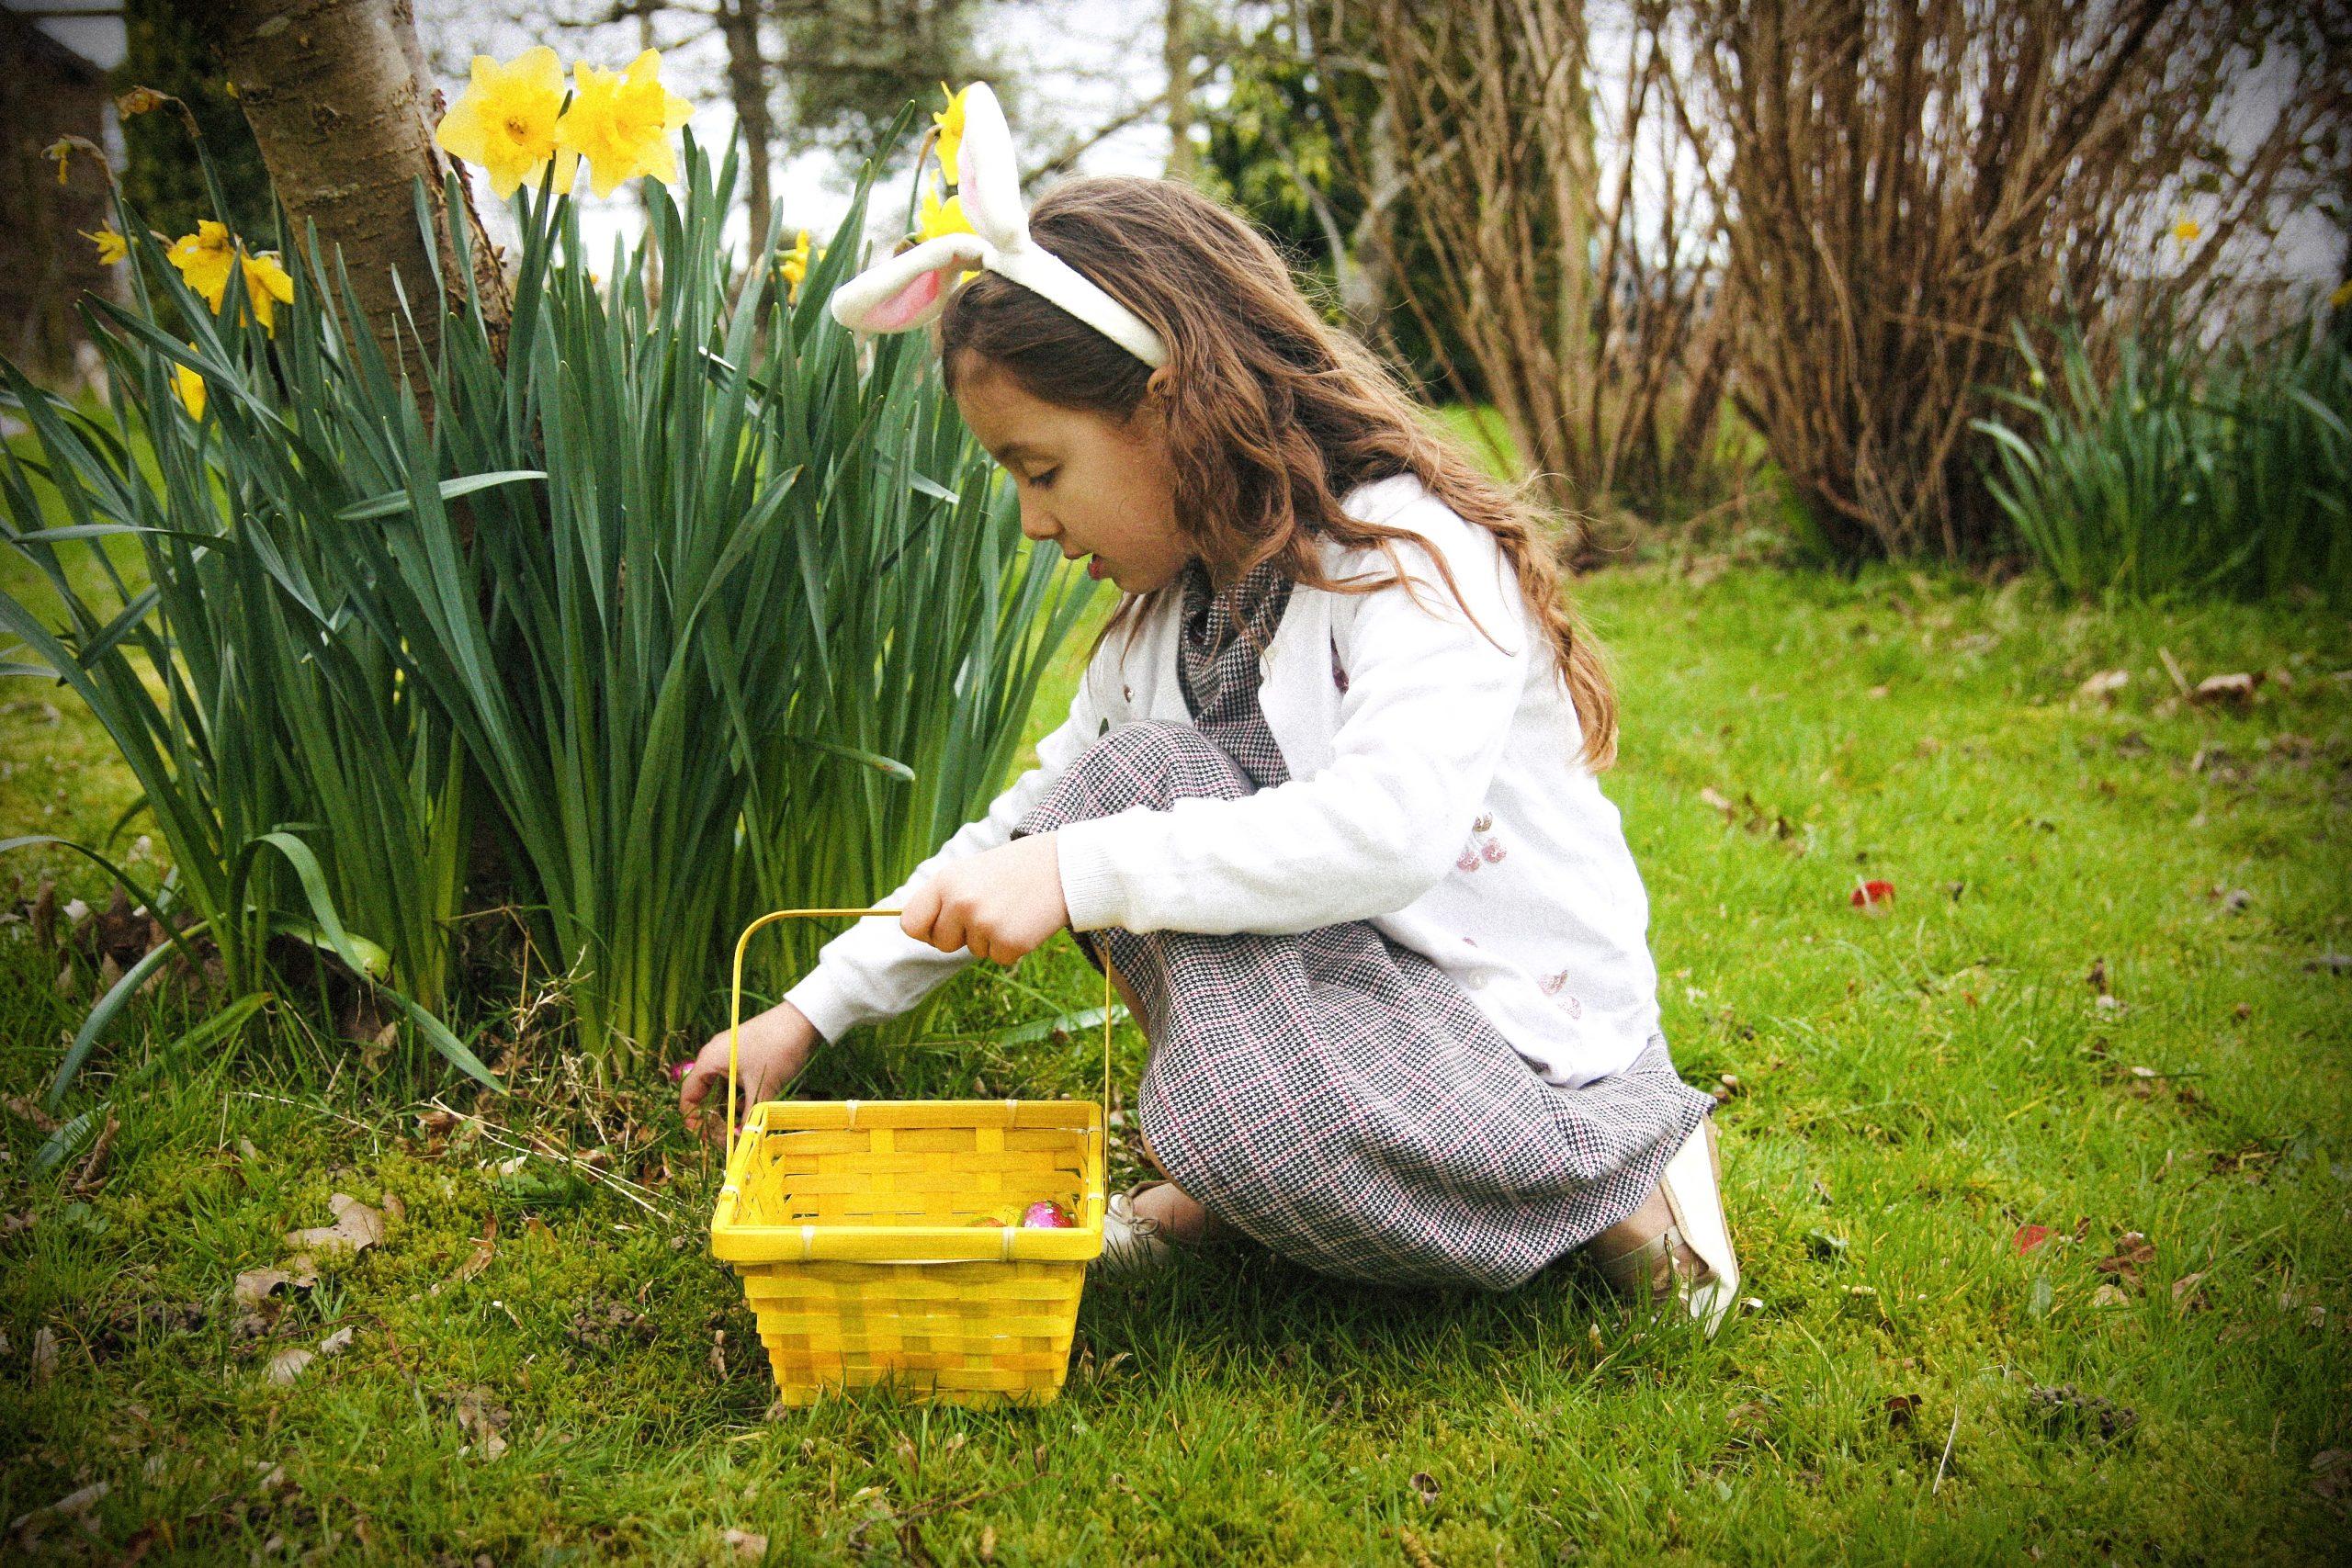 A little girl celebrating Easter 2020.